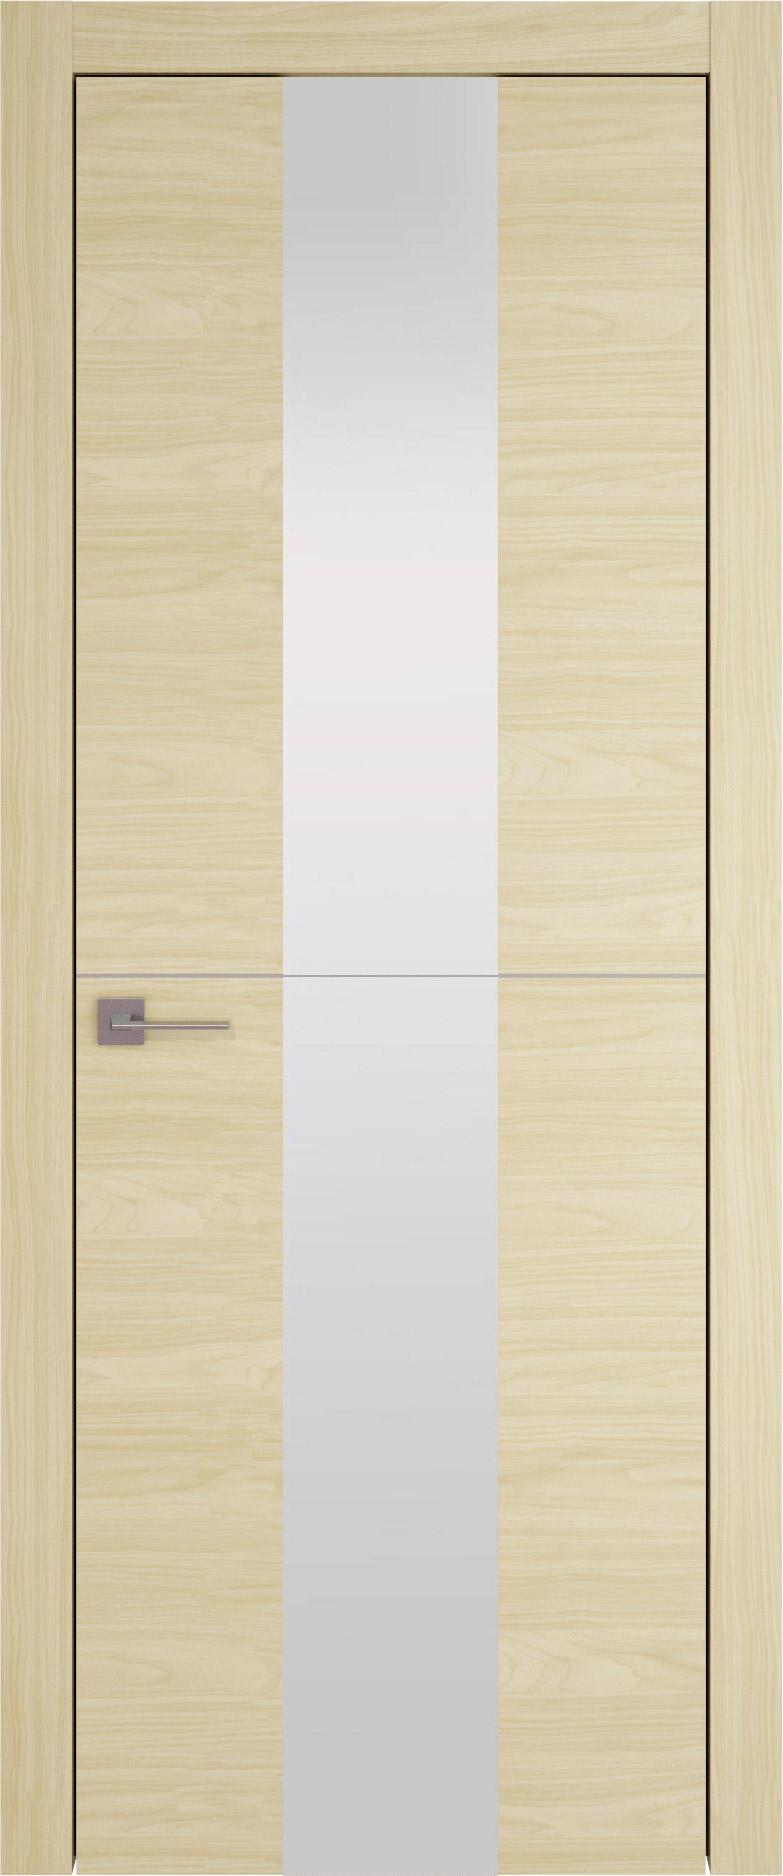 Tivoli Ж-3 цвет - Дуб нордик Со стеклом (ДО)